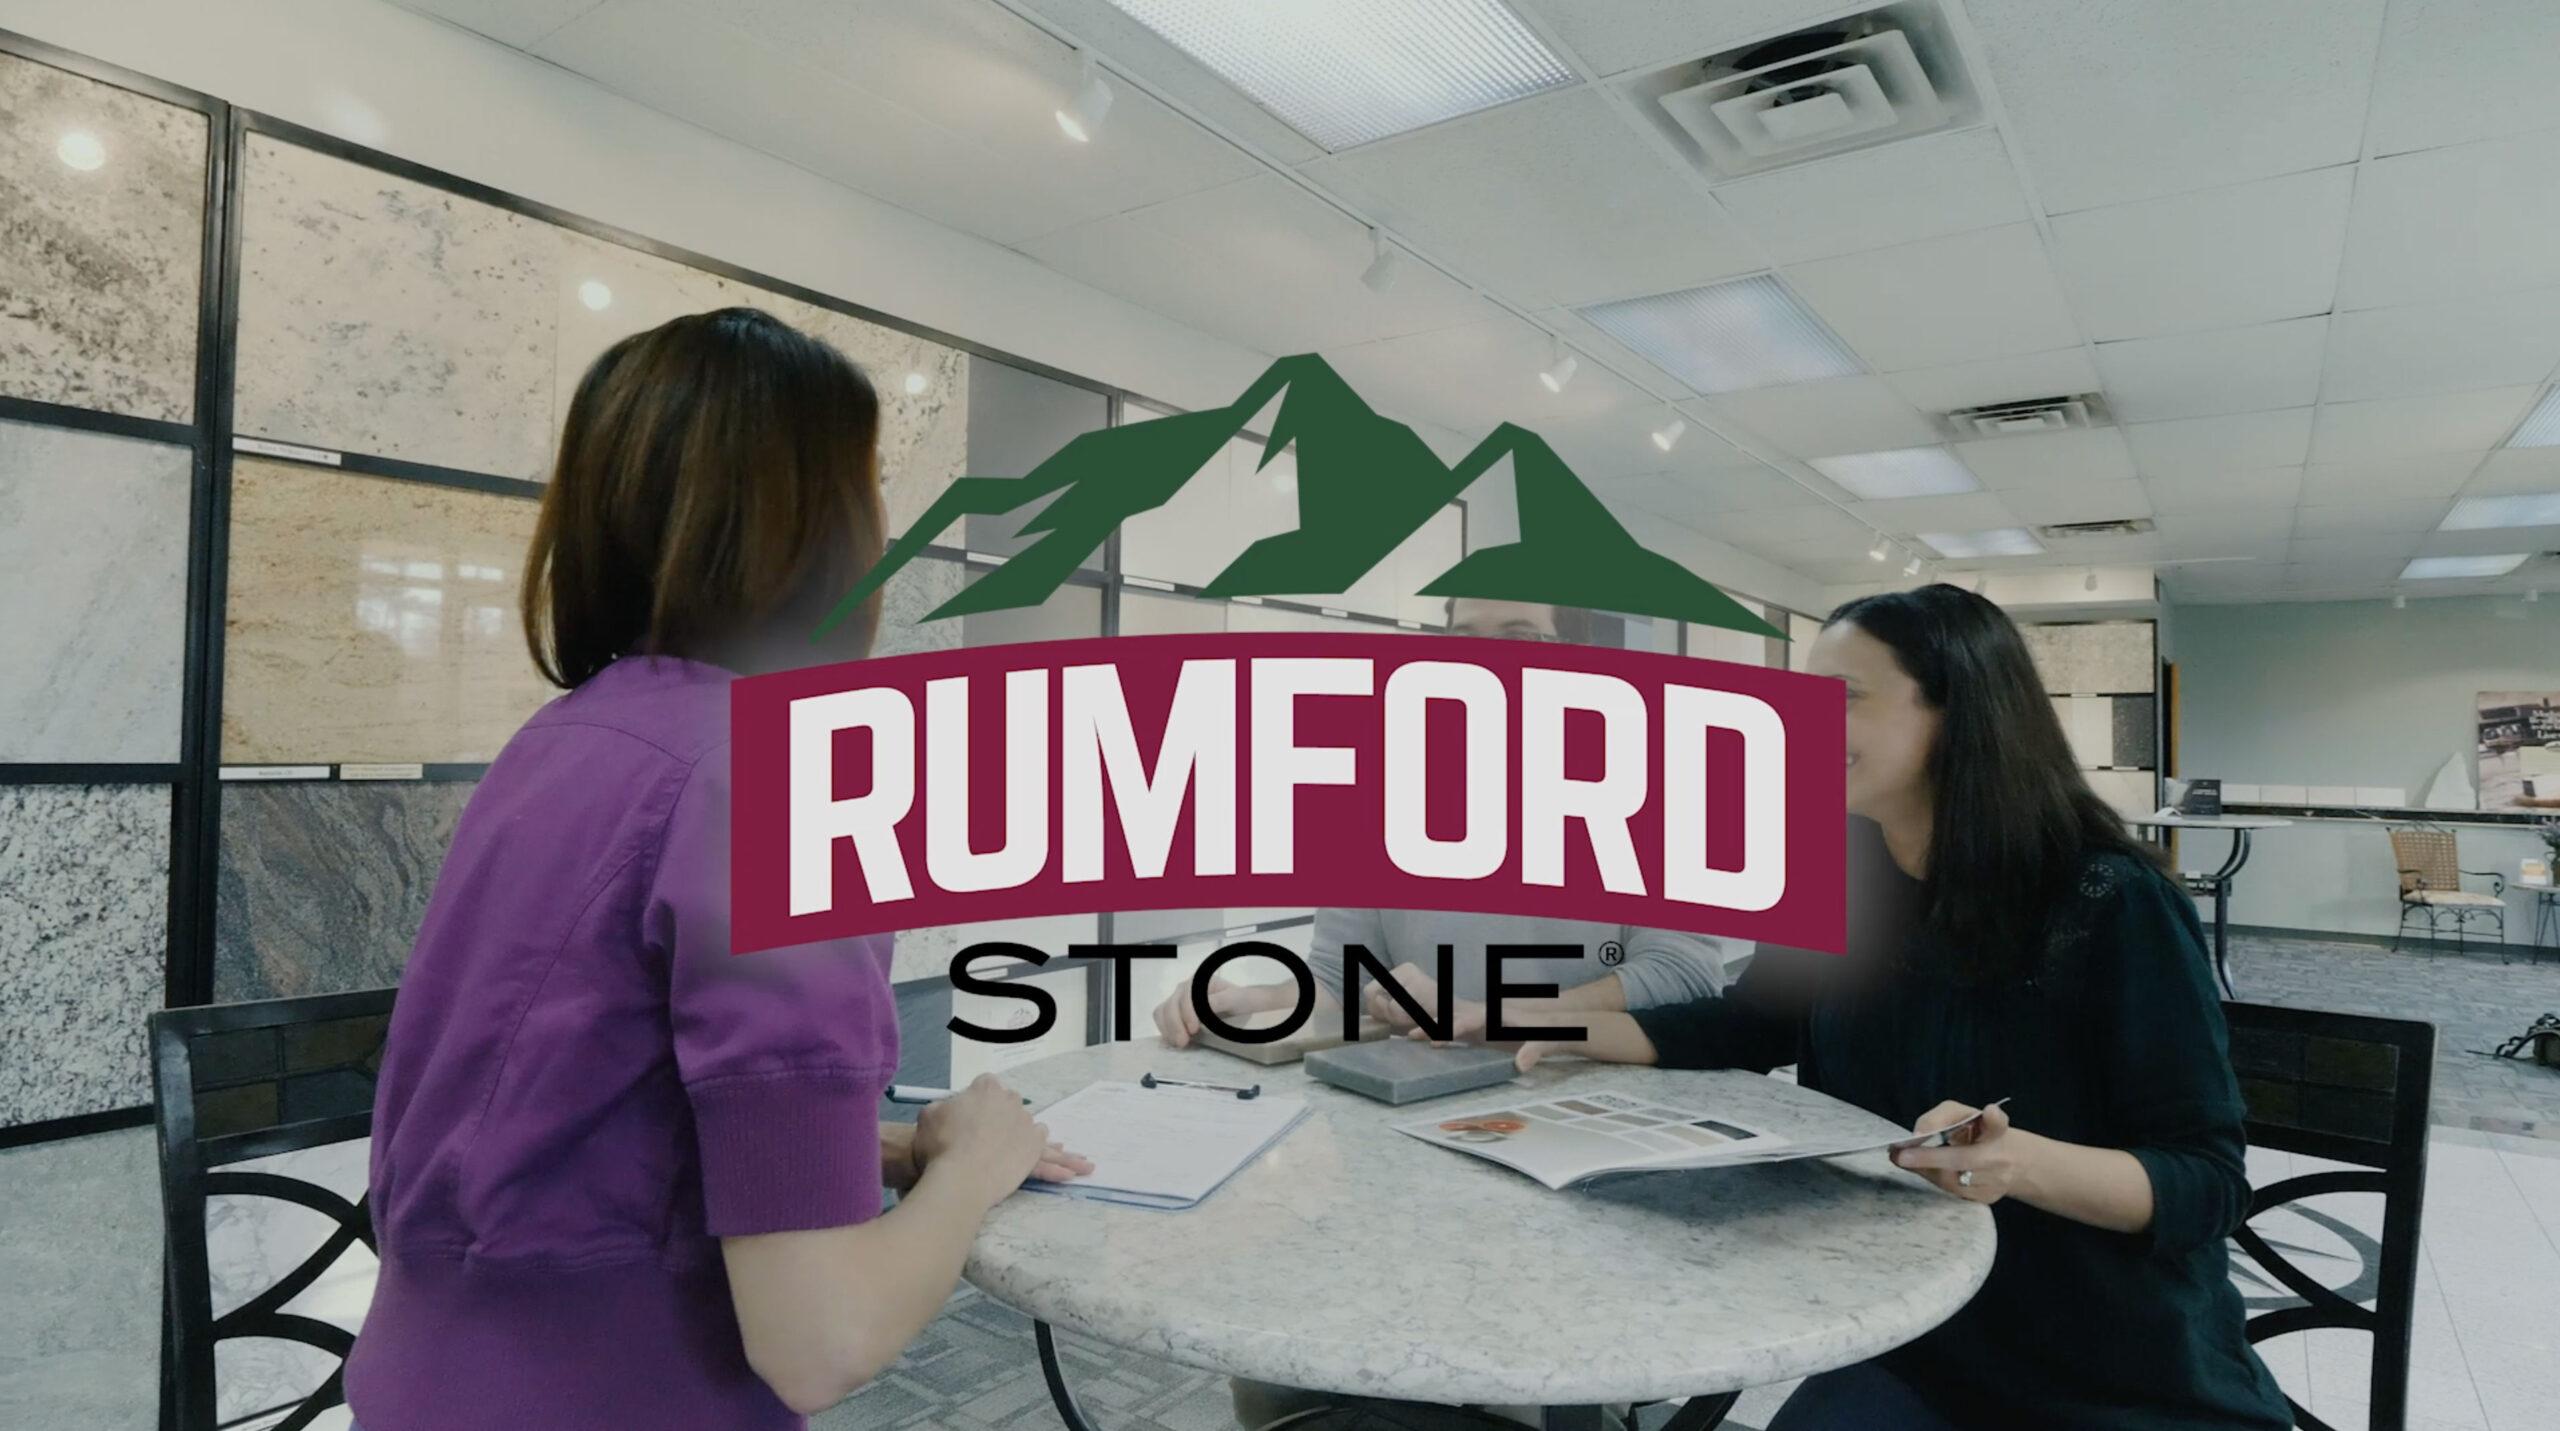 Rumford Stone